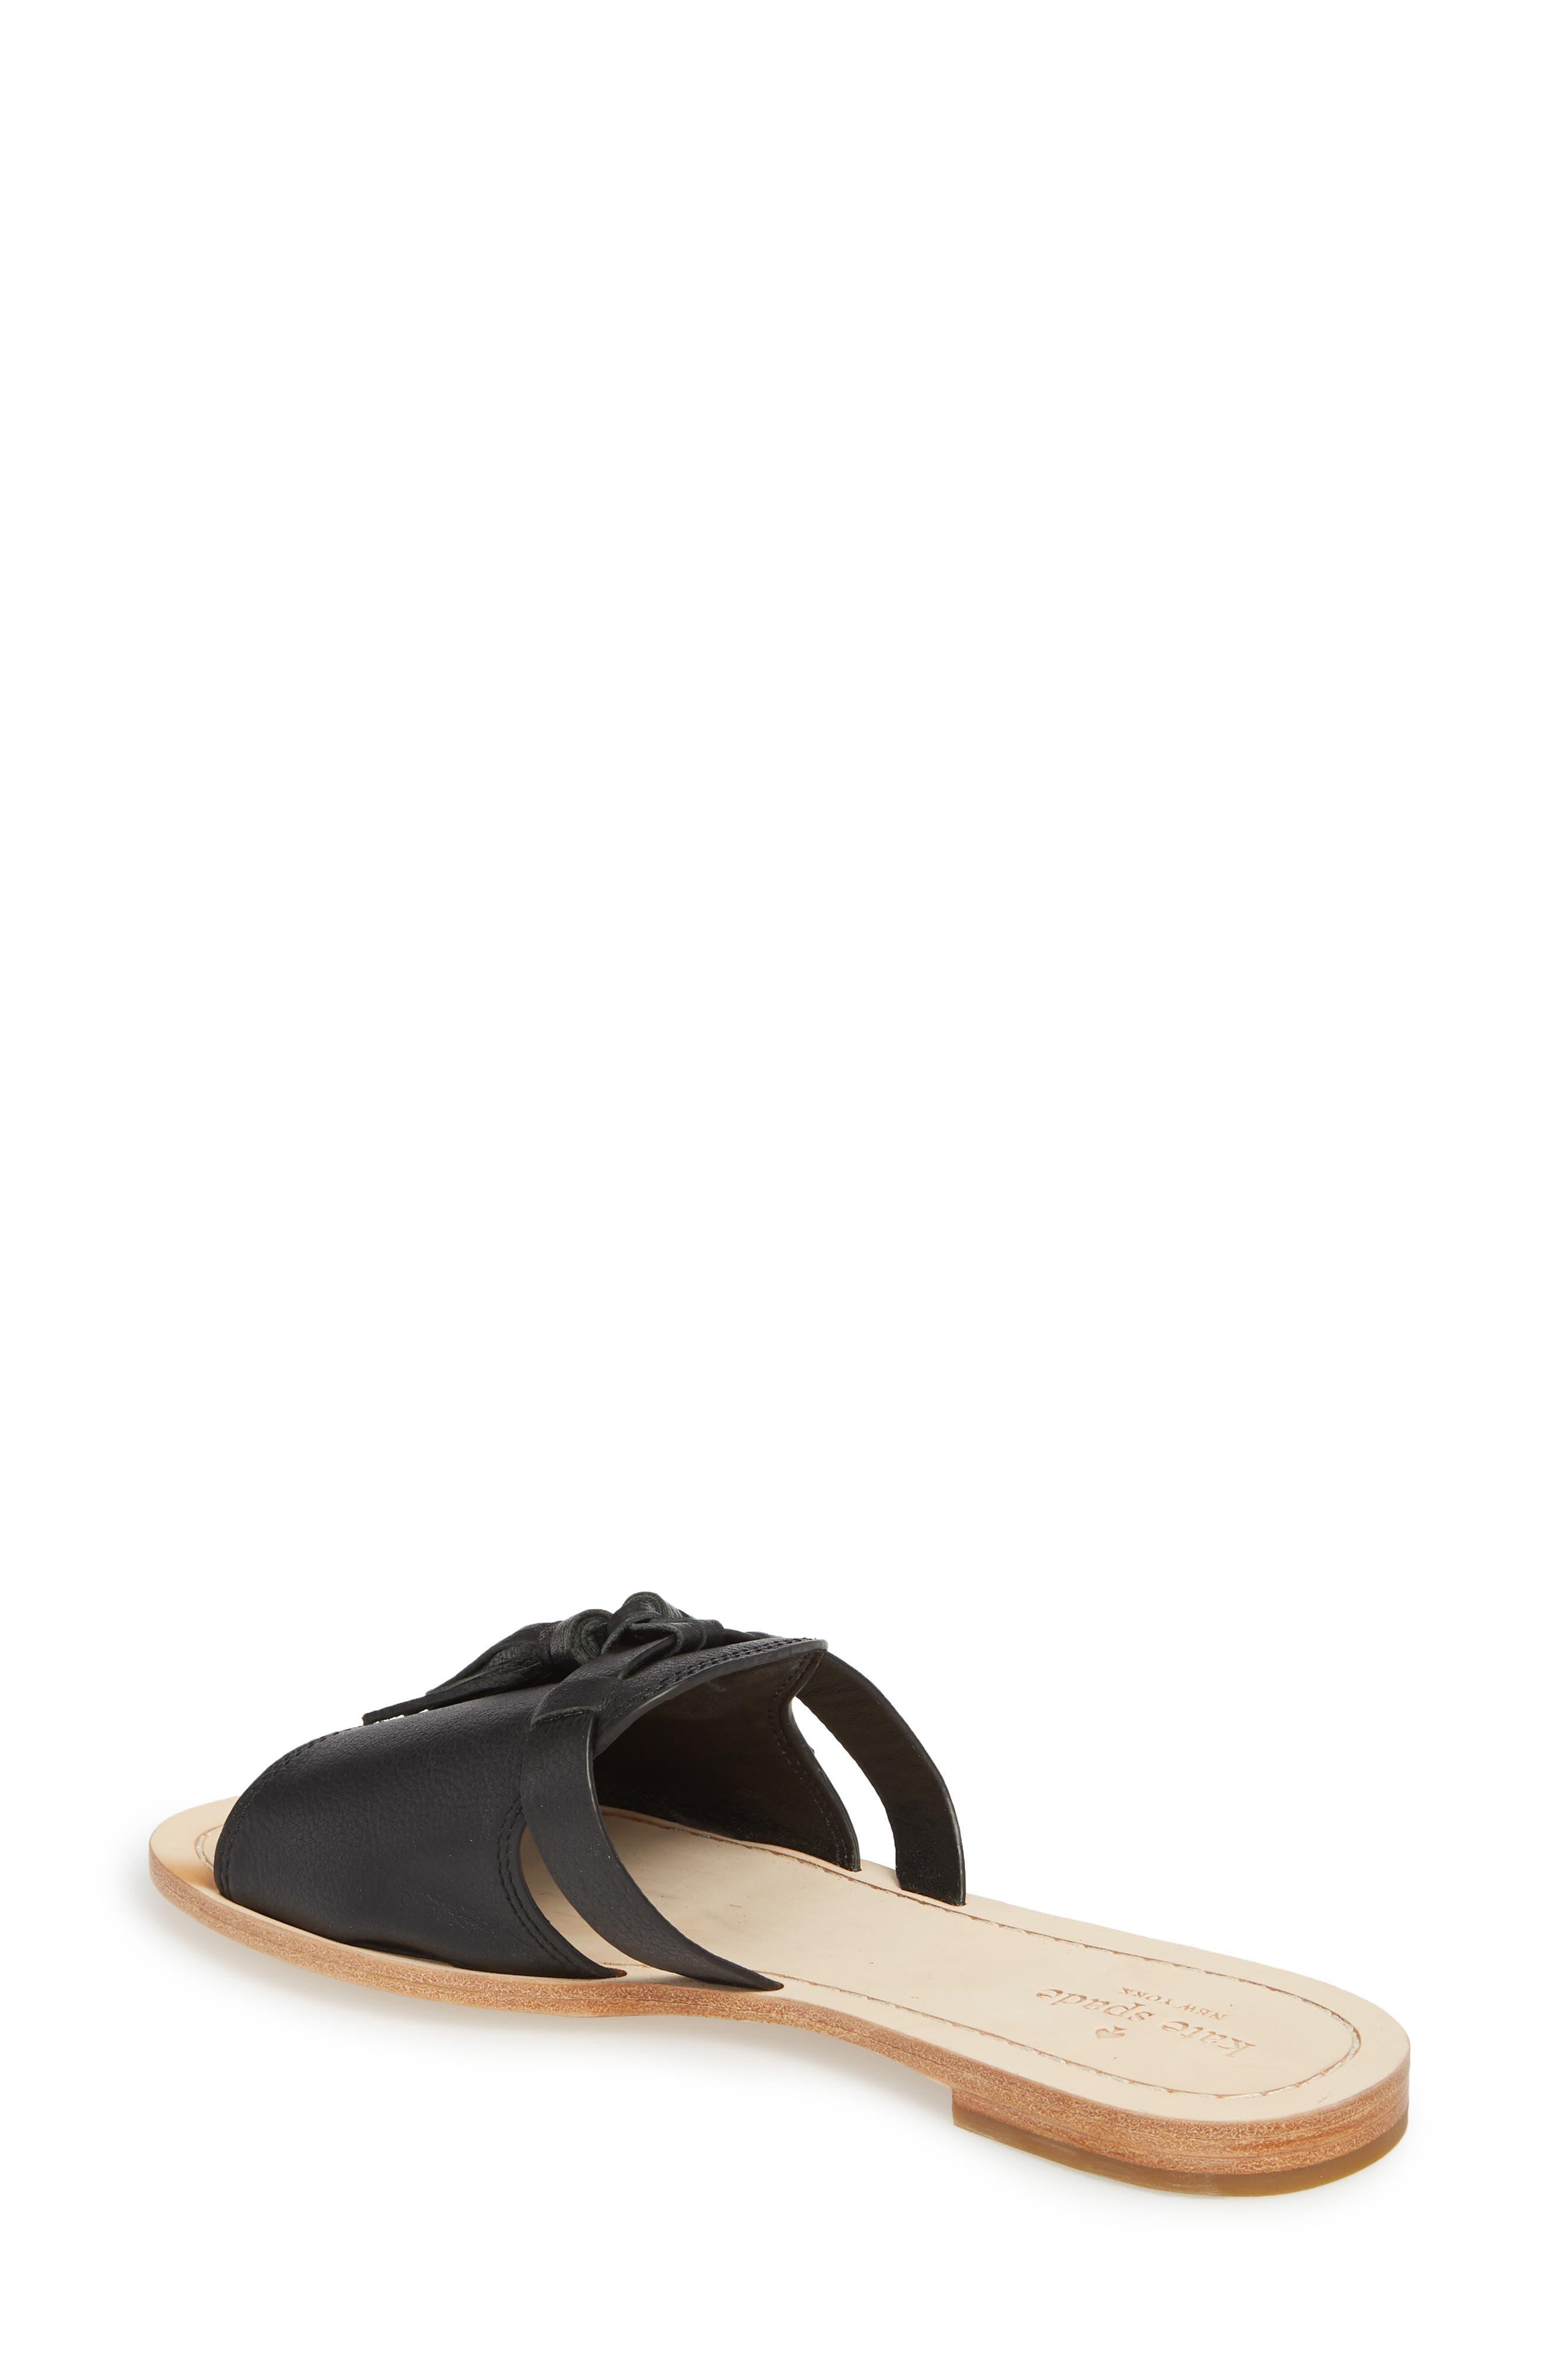 coby tassel slide sandal,                             Alternate thumbnail 2, color,                             001